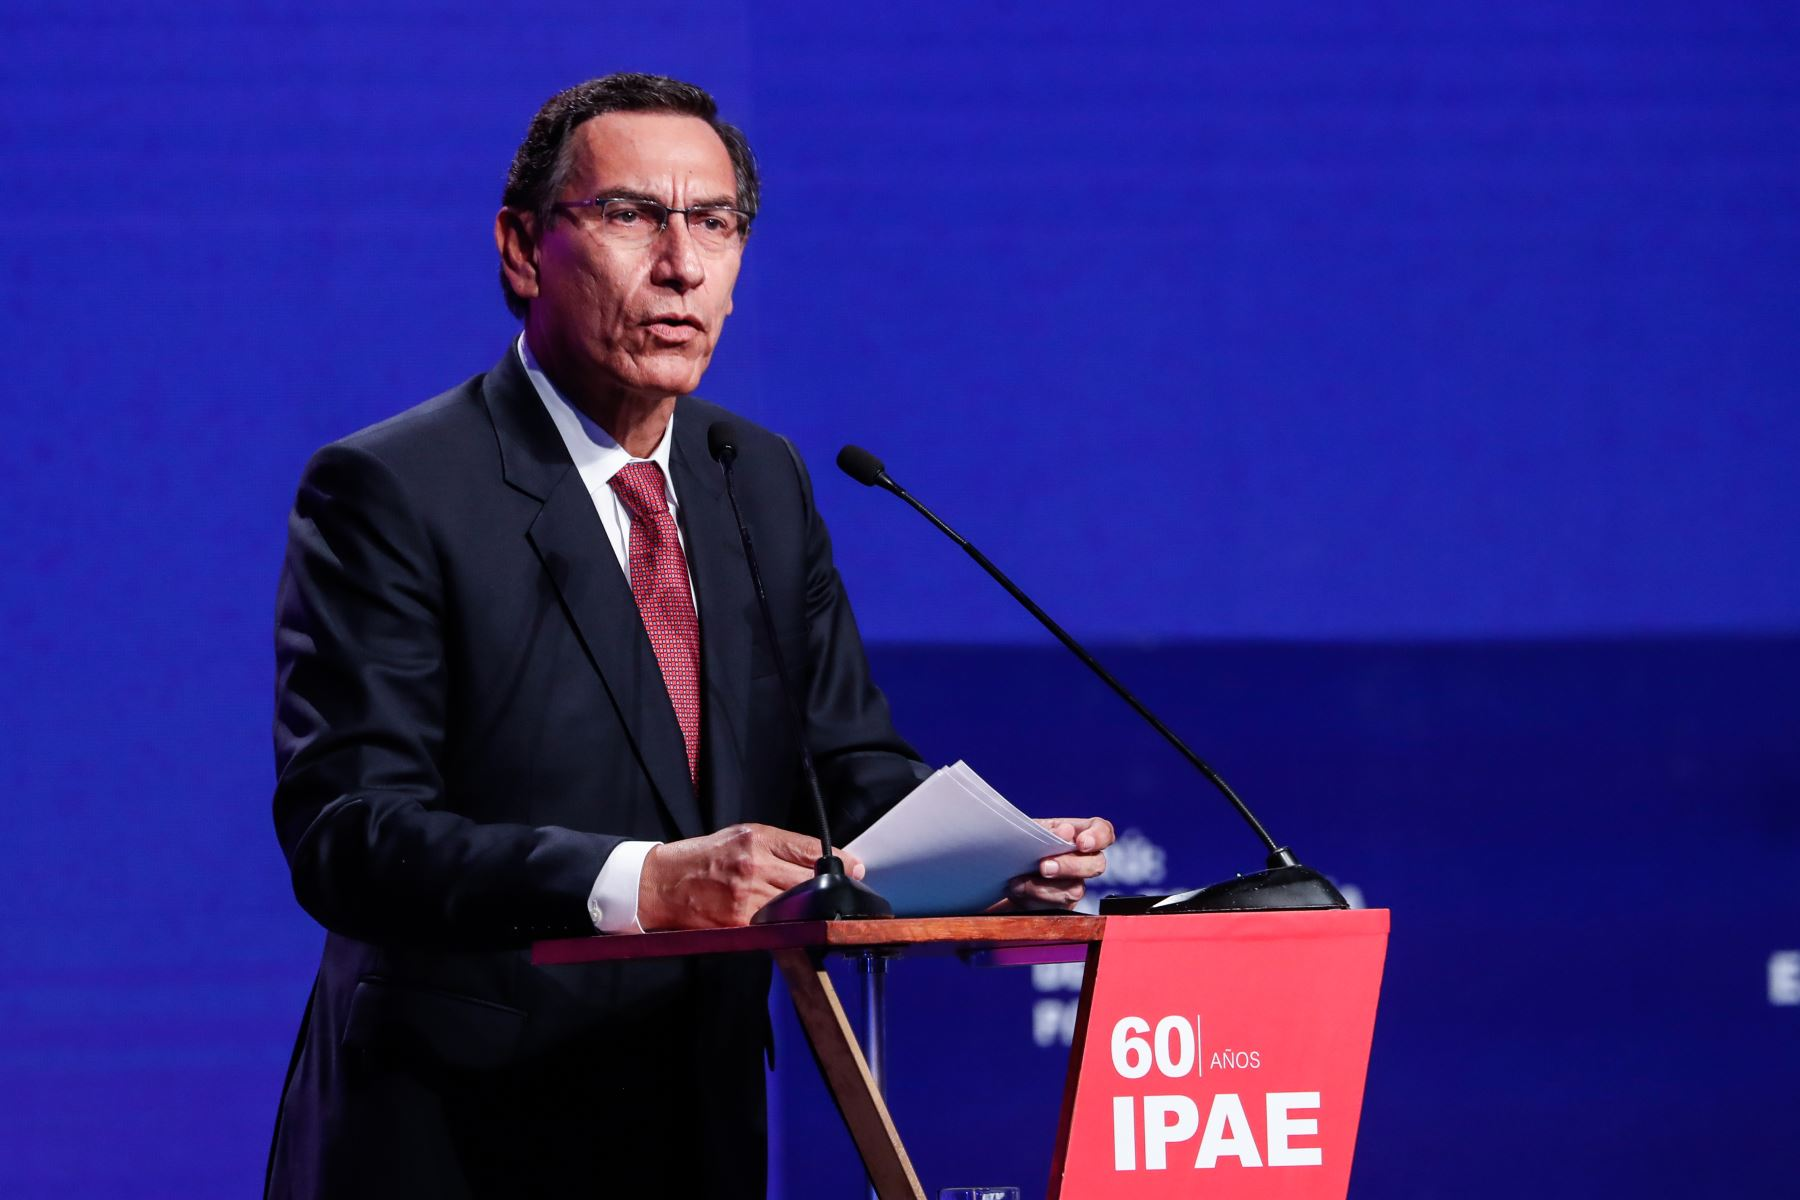 Presidente Vizcarra interviene en el CADE Ejecutivos 2019. Foto: ANDINA/Renato